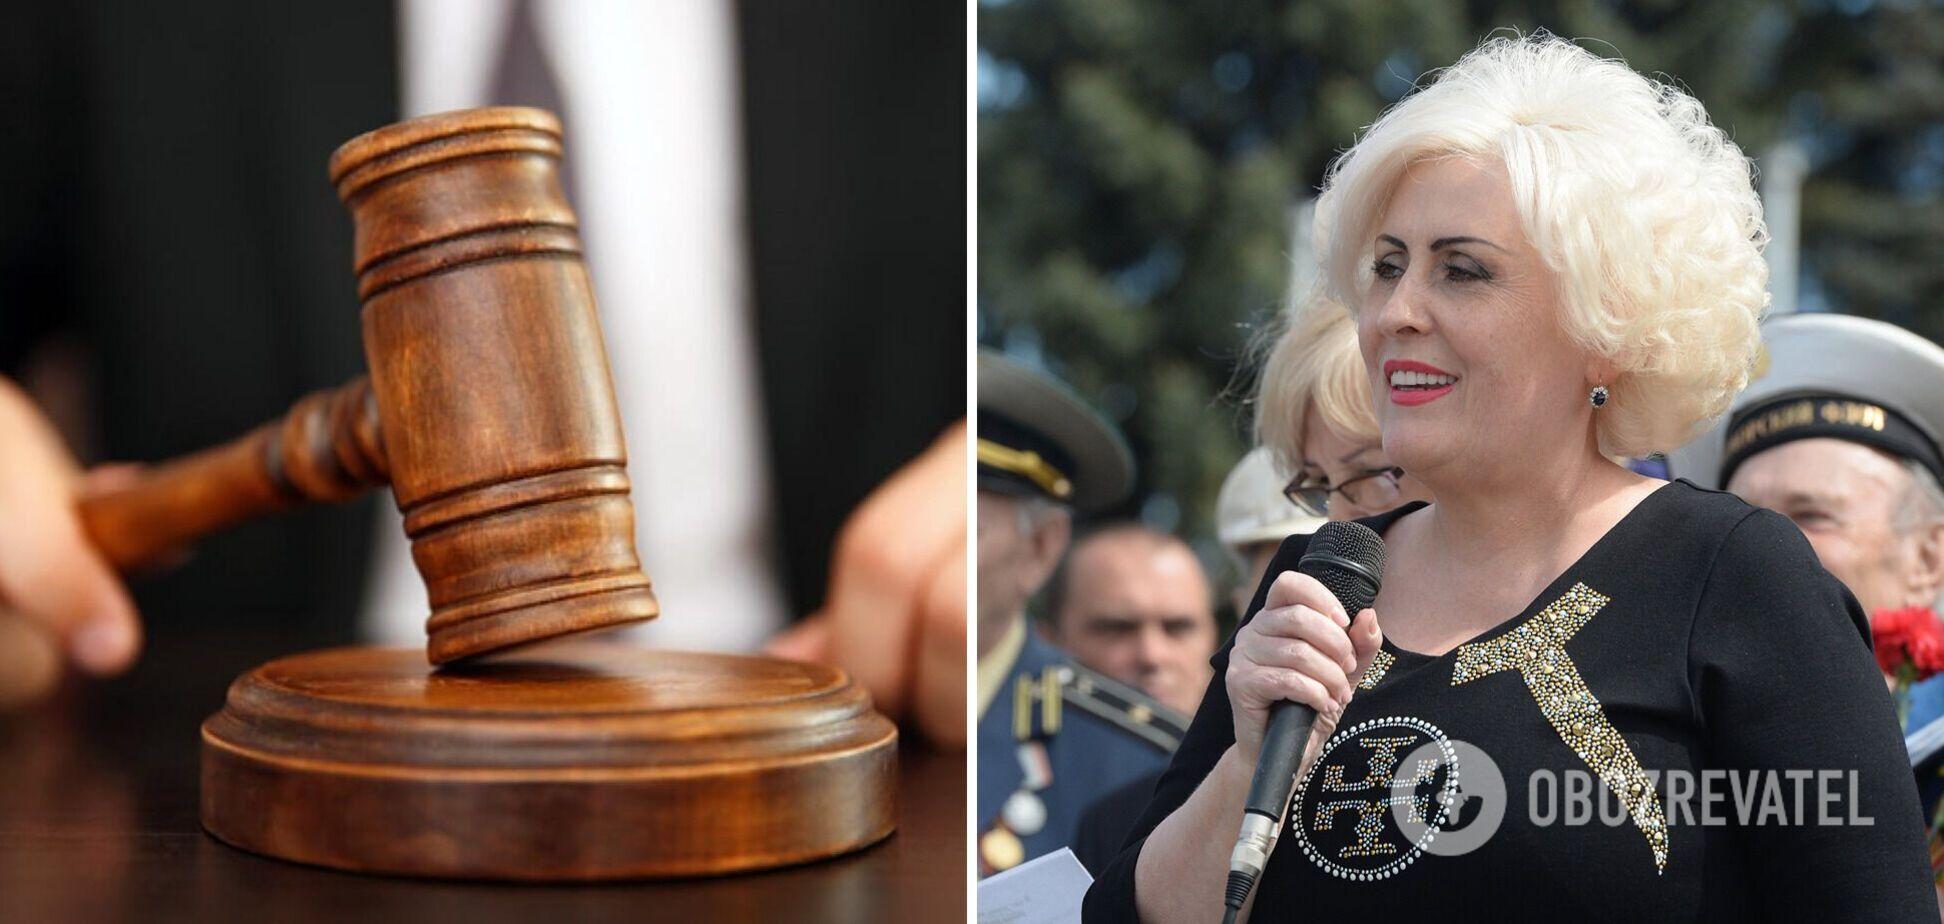 Штепа в суде заявила о пытках боевиков и назвала себя 'настоящим патриотом'